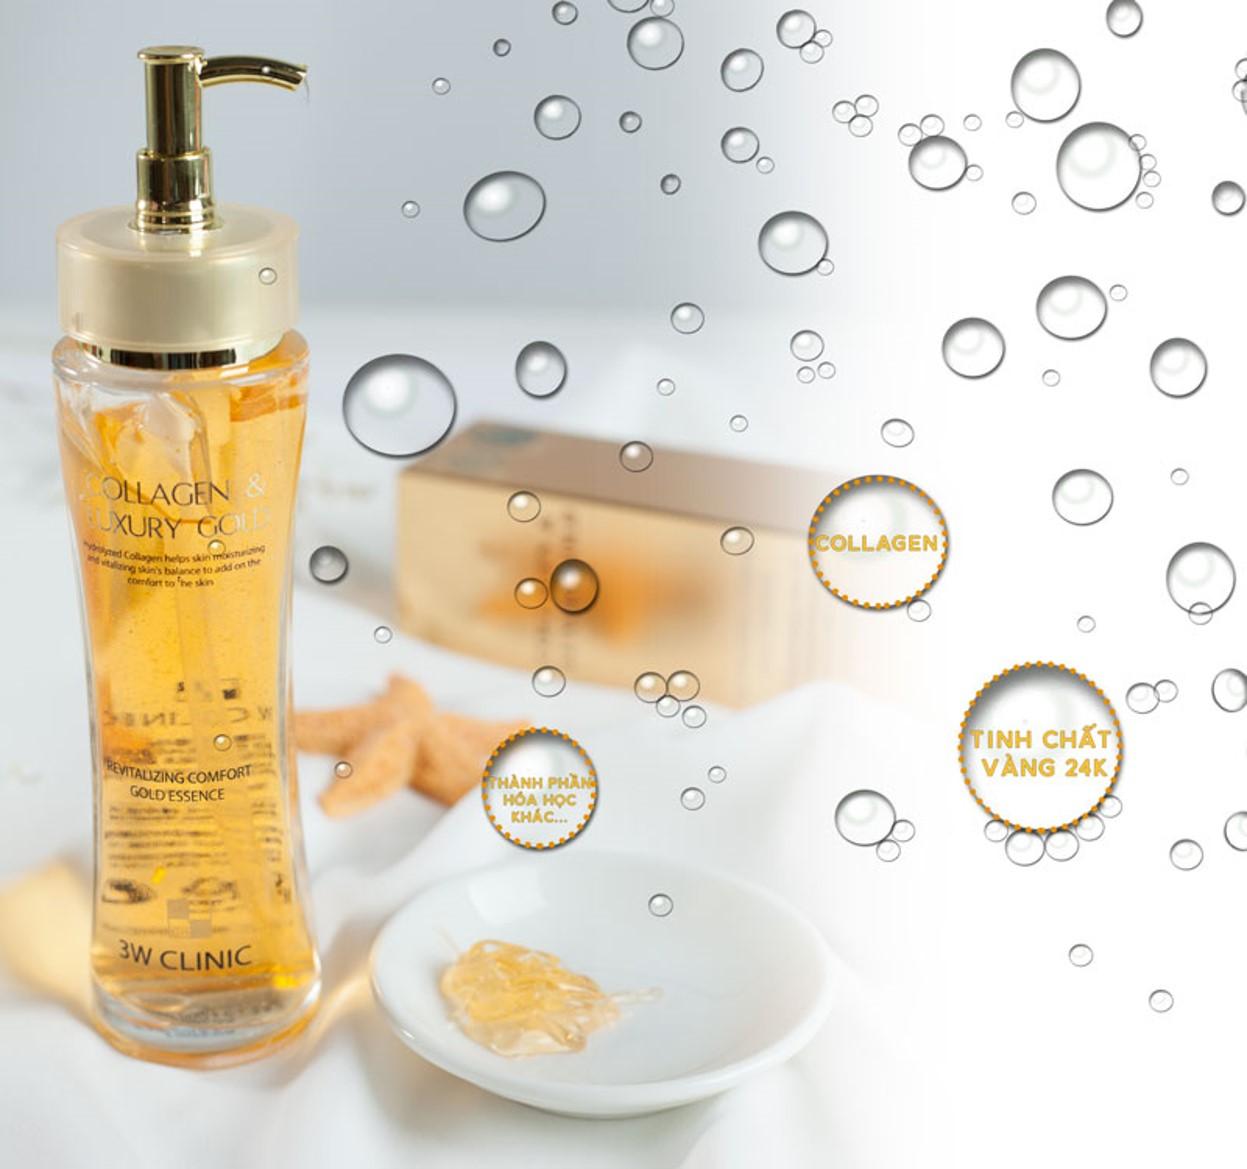 Tinh Chất Vàng Dưỡng Trắng, Tái Tạo Da 3W Clinic Collagen & Luxury Gold 150ml